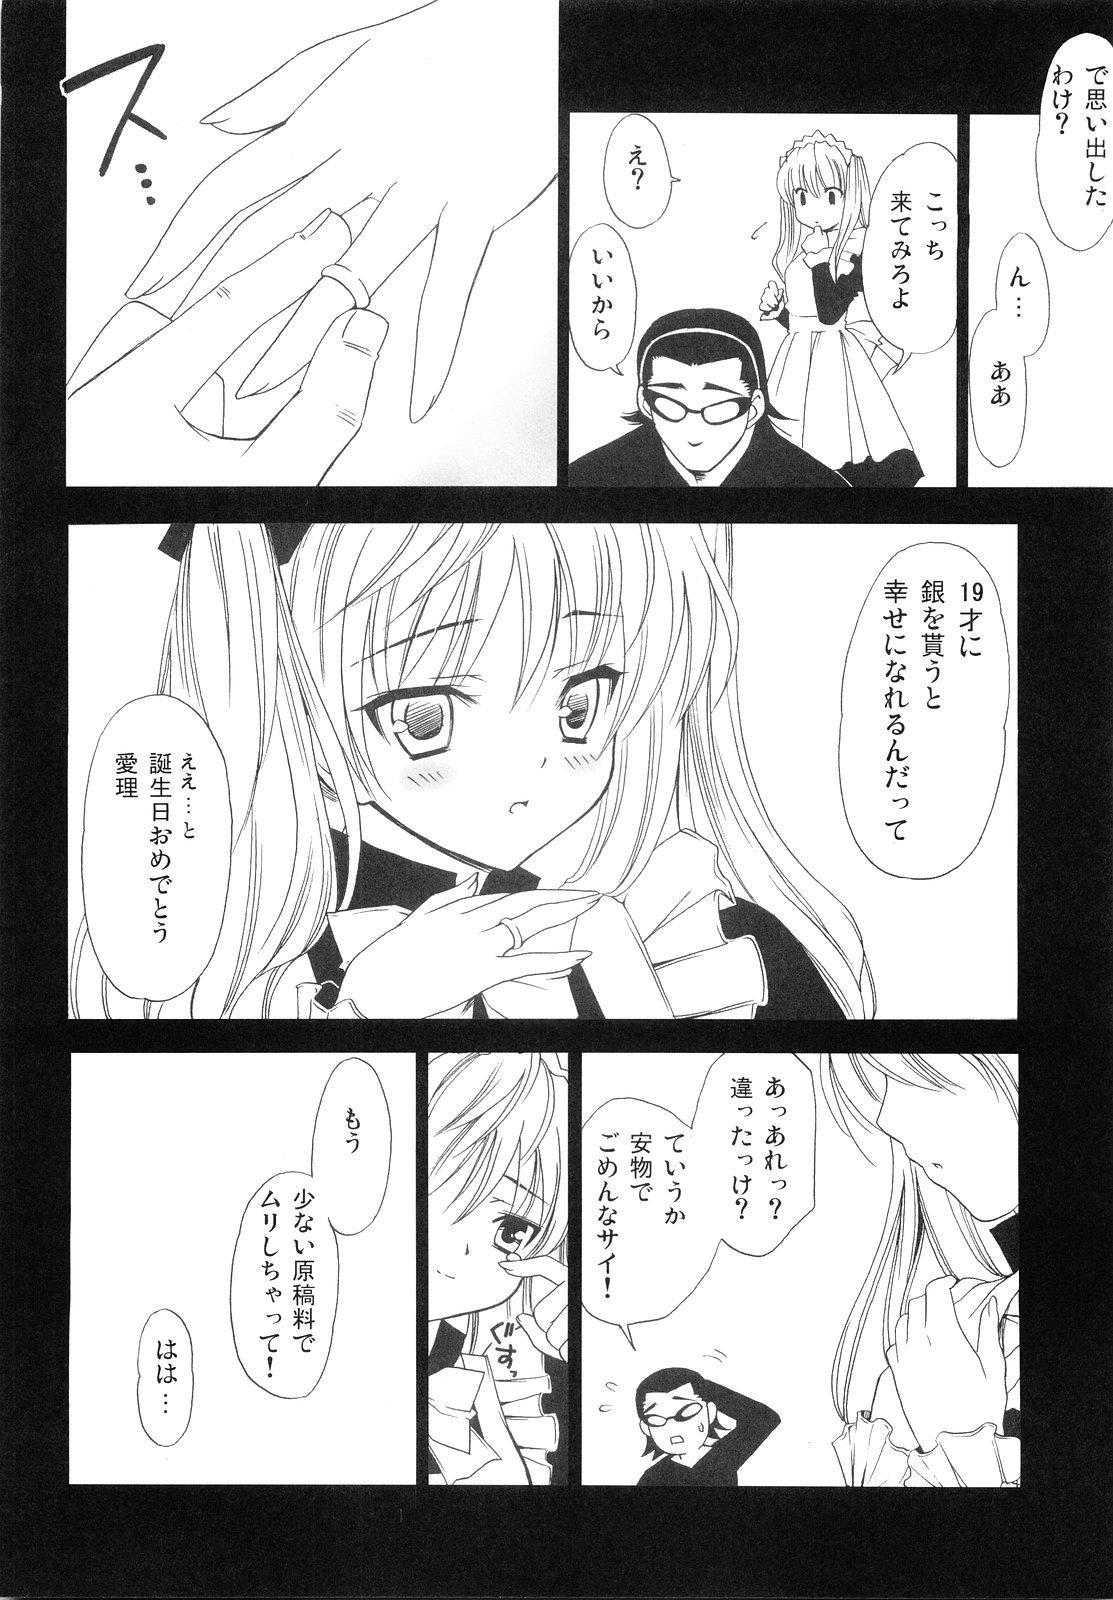 Hige-seito Harima! 4.5 9